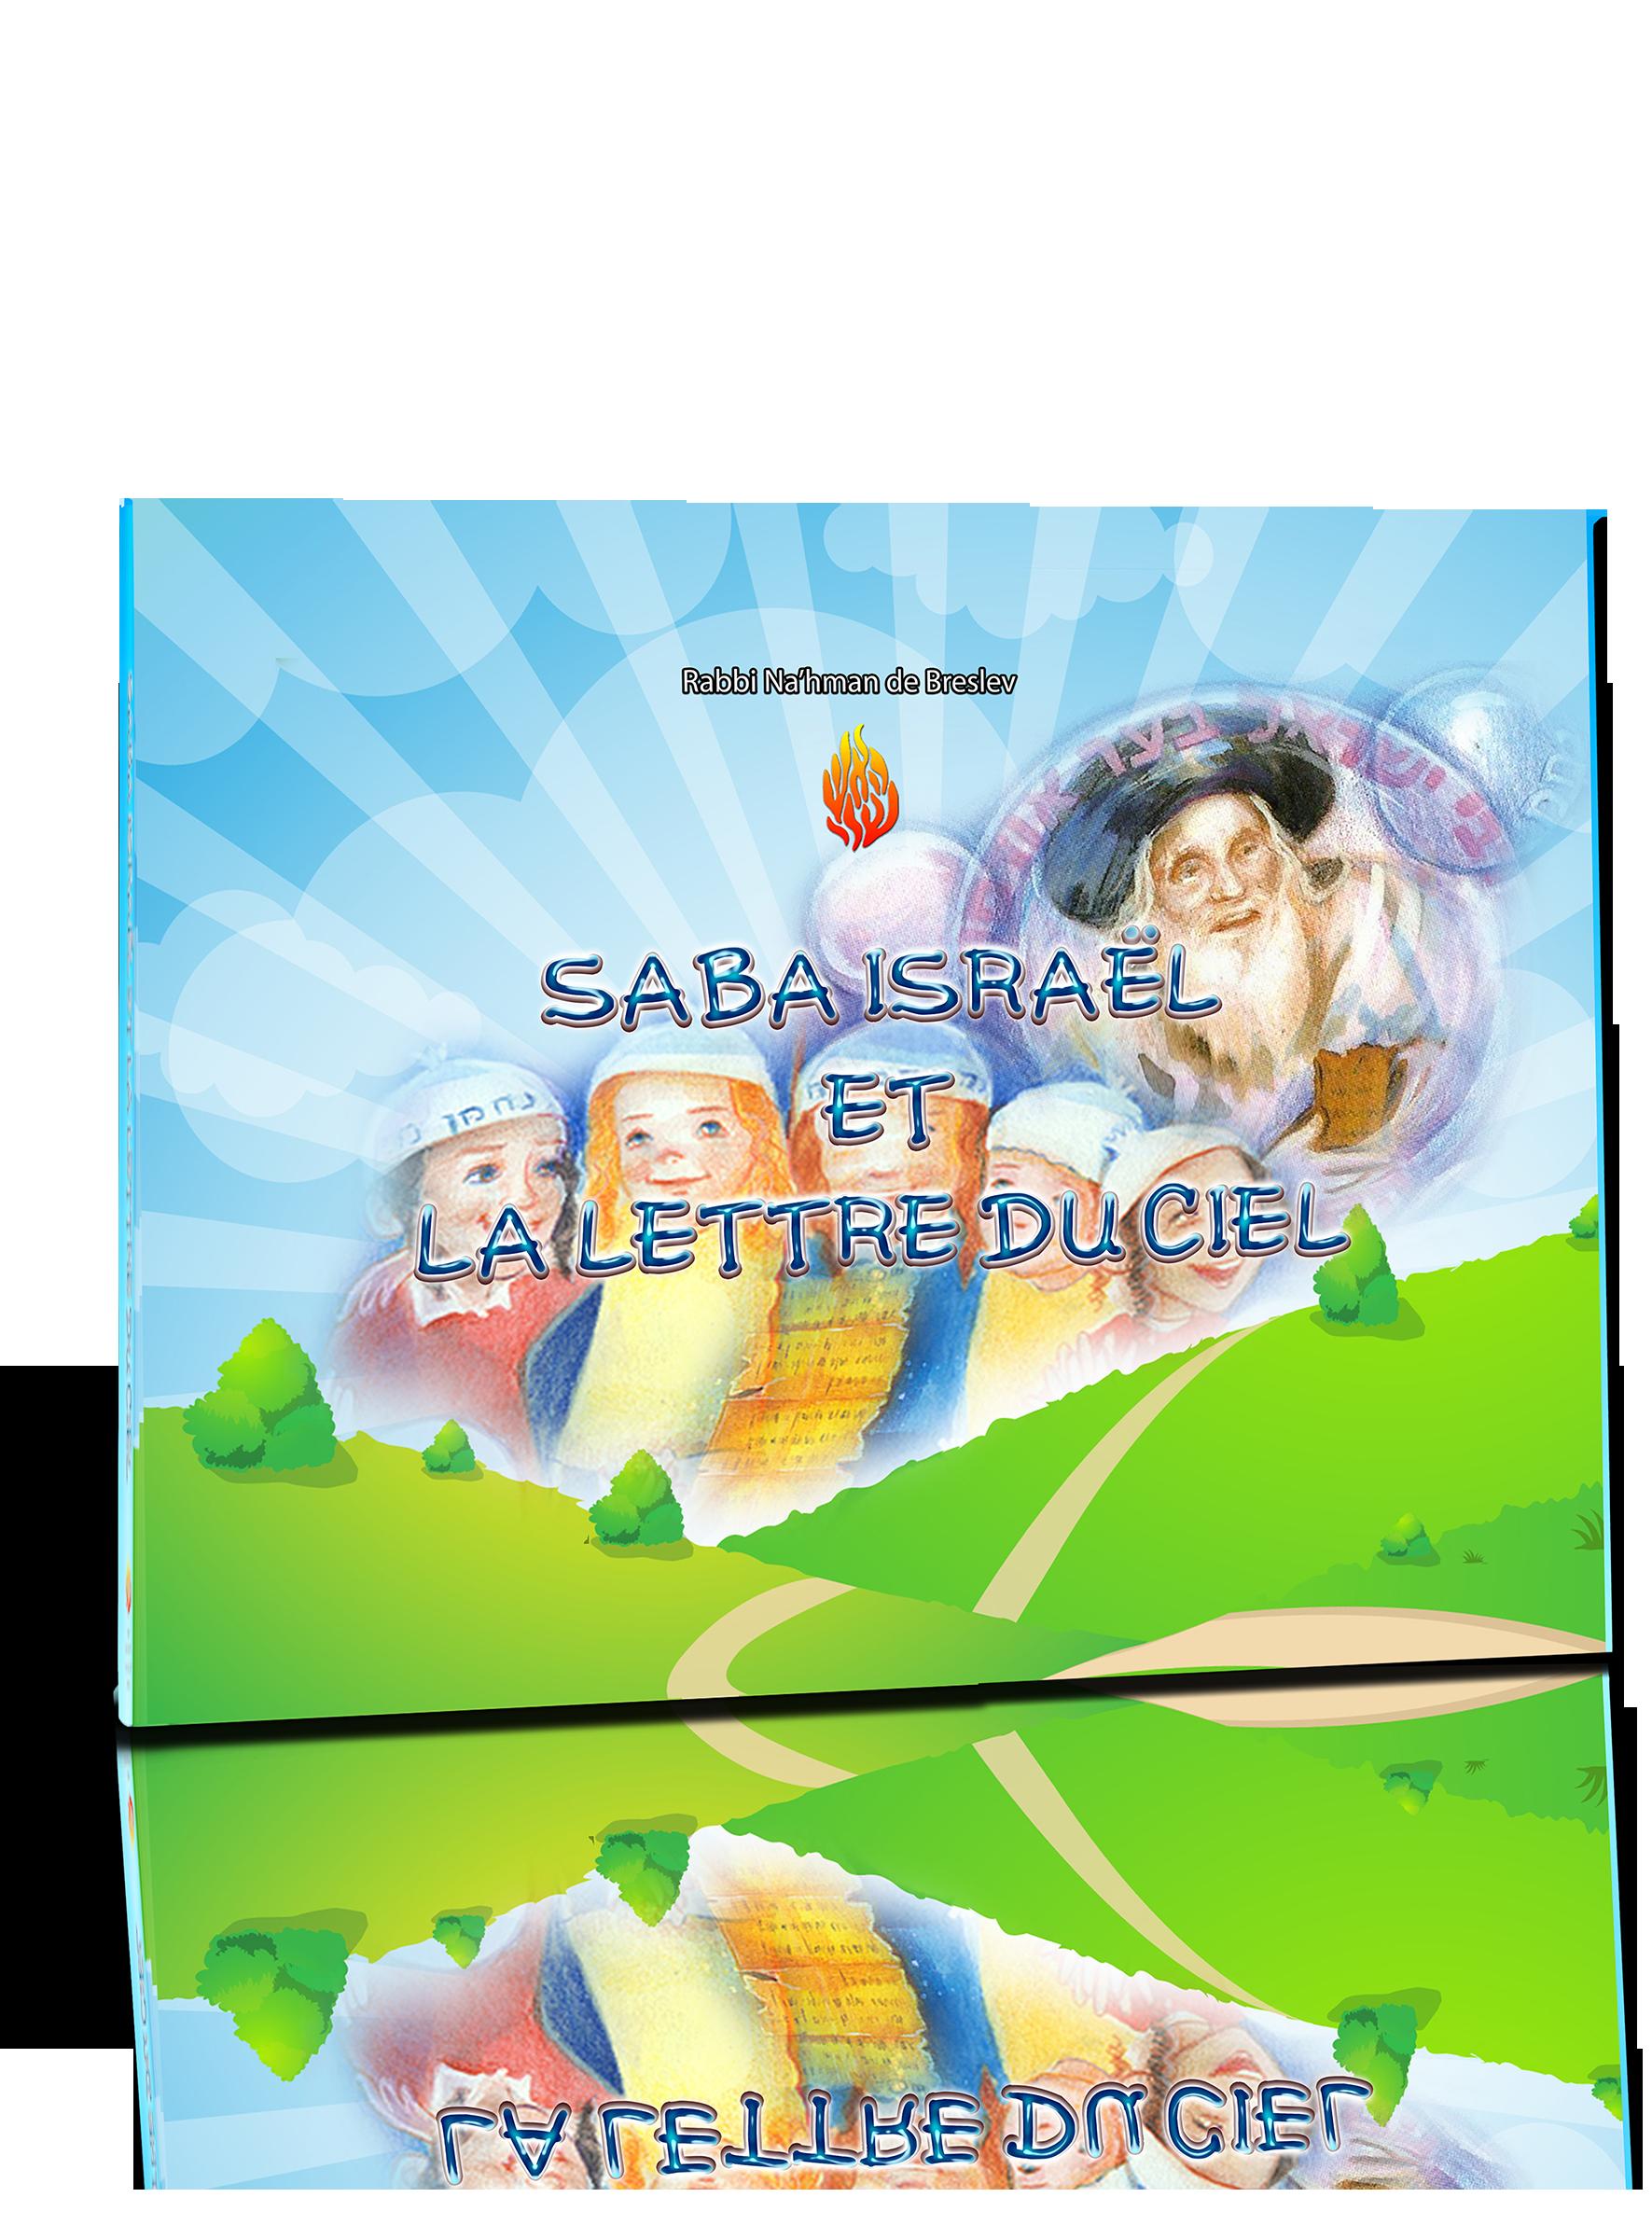 SABA ISRAEL 2 3D